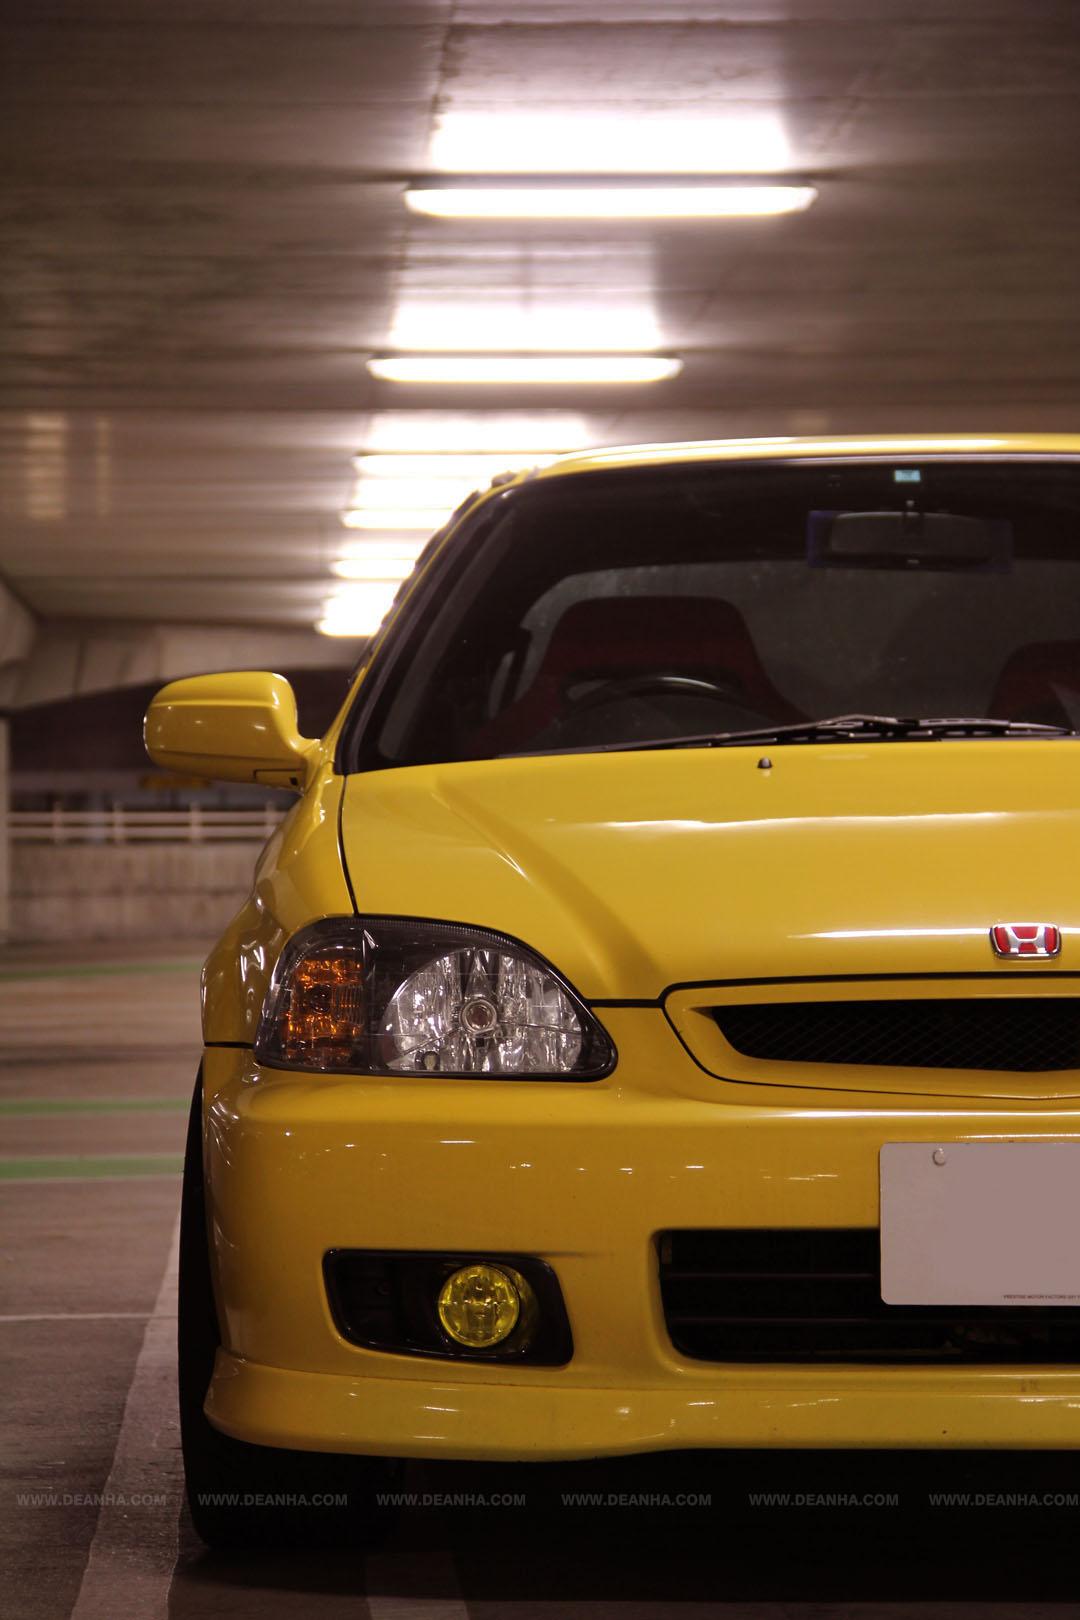 Honda Civic (EK9) Snaps